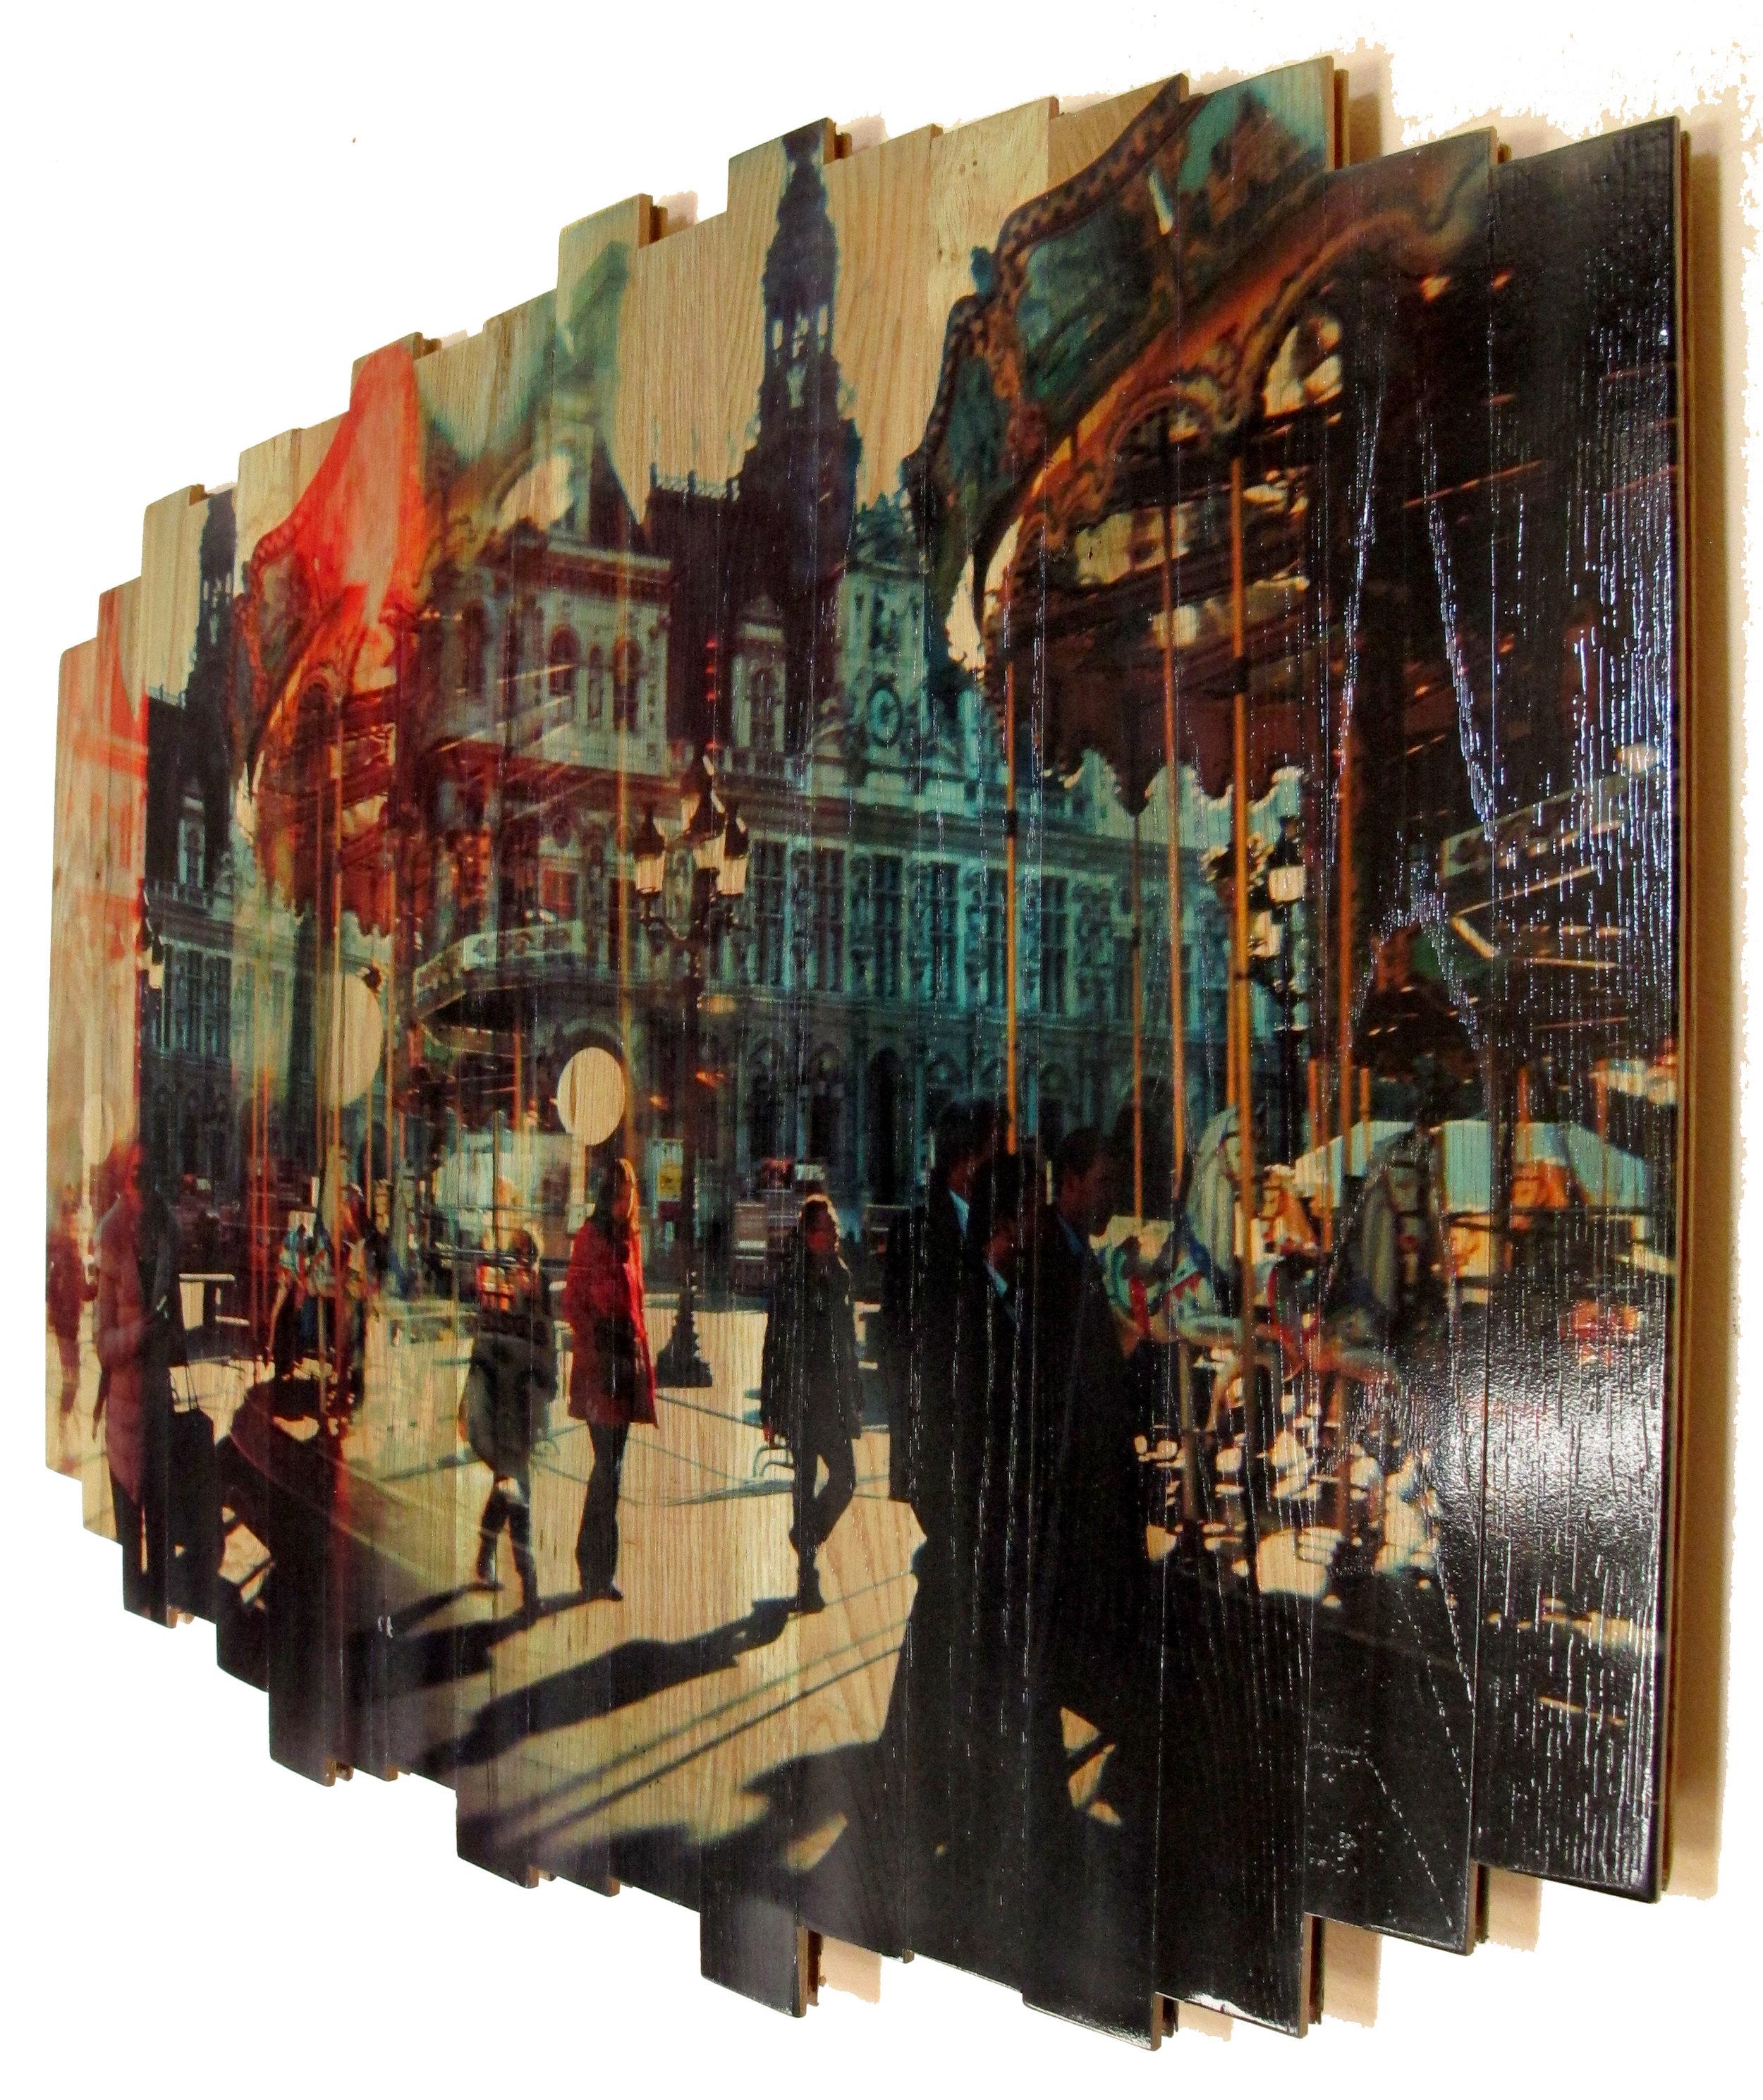 Paris Carousel I , 2016 c print on reclaimed wood floor 29.92 x 41.34 x 1.57 in / 76x105 cm  Unique